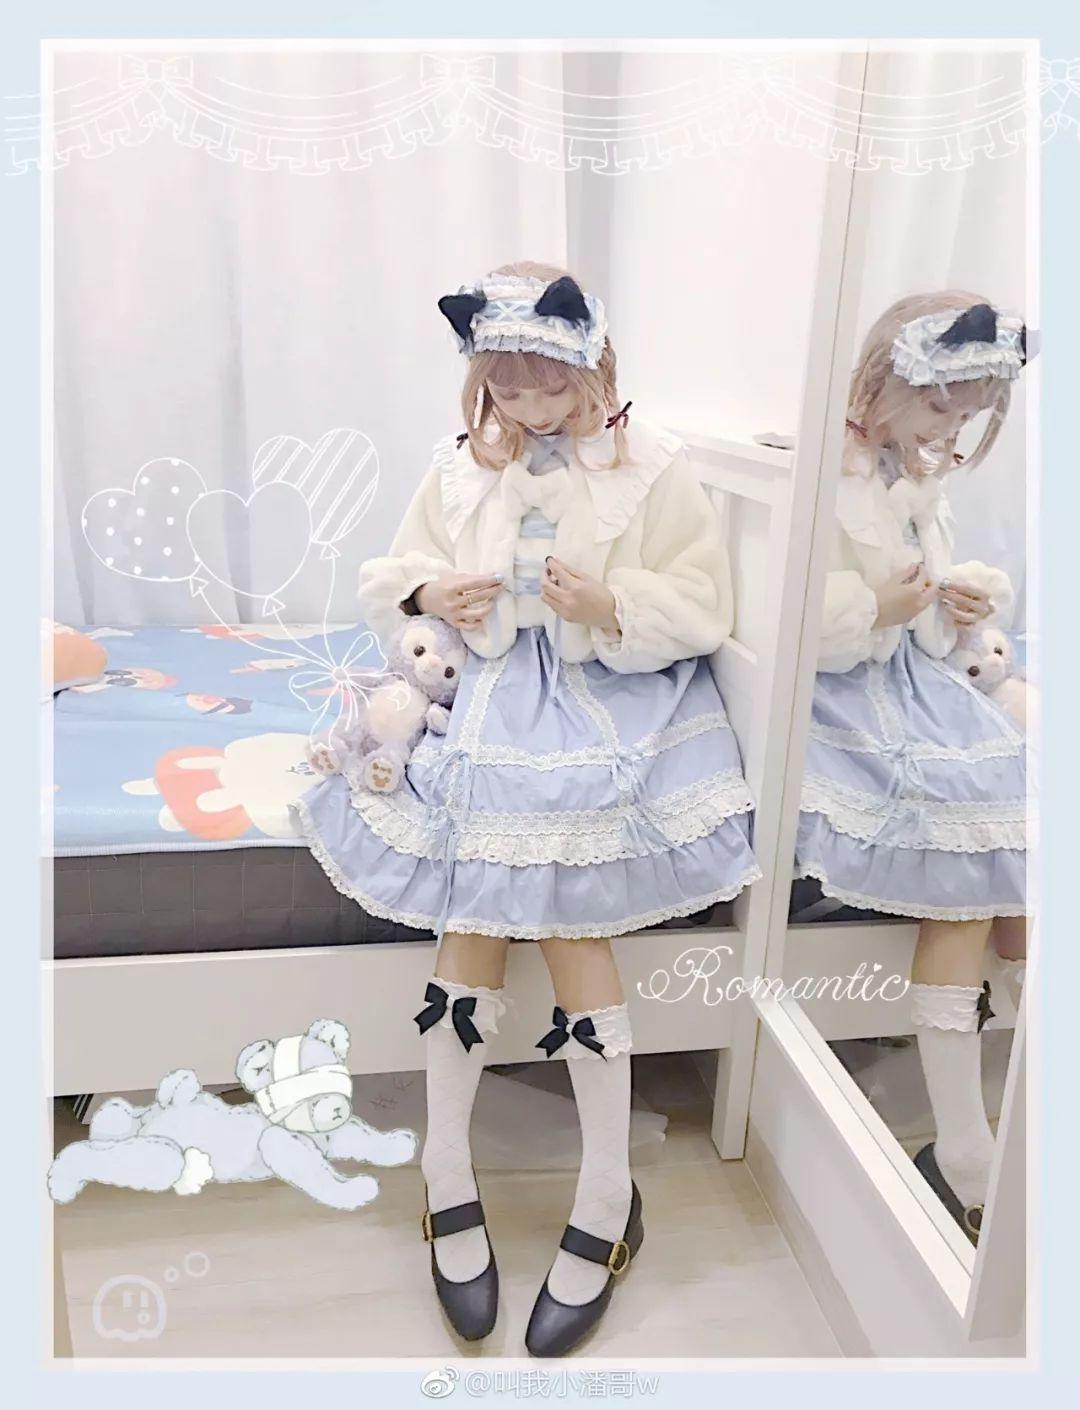 妹子摄影 – Lolita猫耳娘少女,精致的小公主_图片 No.3